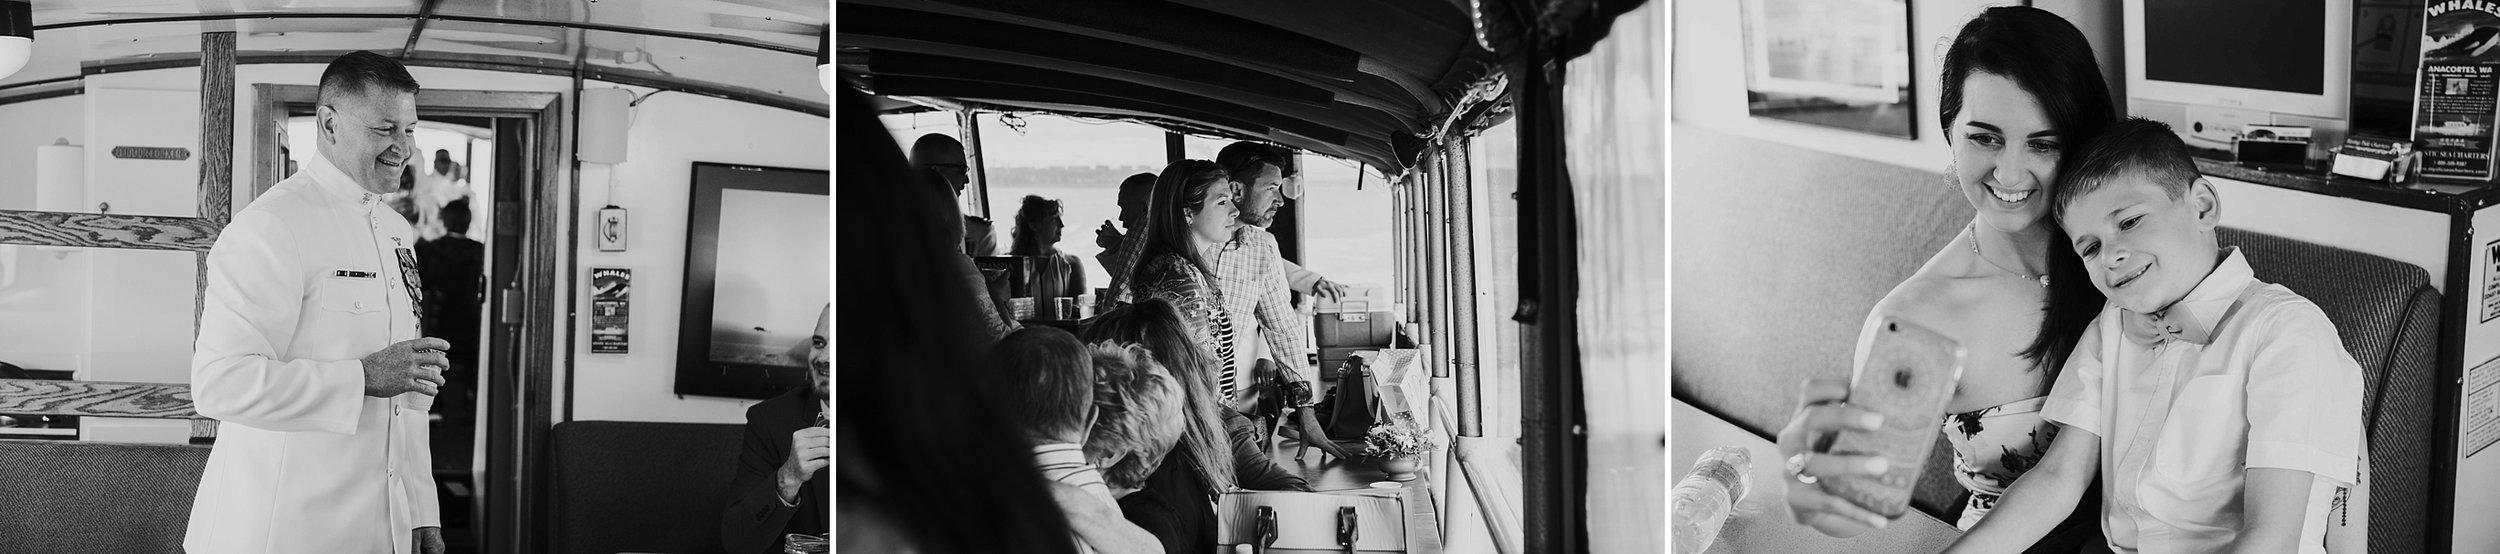 Orcas-Island-Wedding-photographer-J HODGES PHOTOGRAPHY_0200.jpg